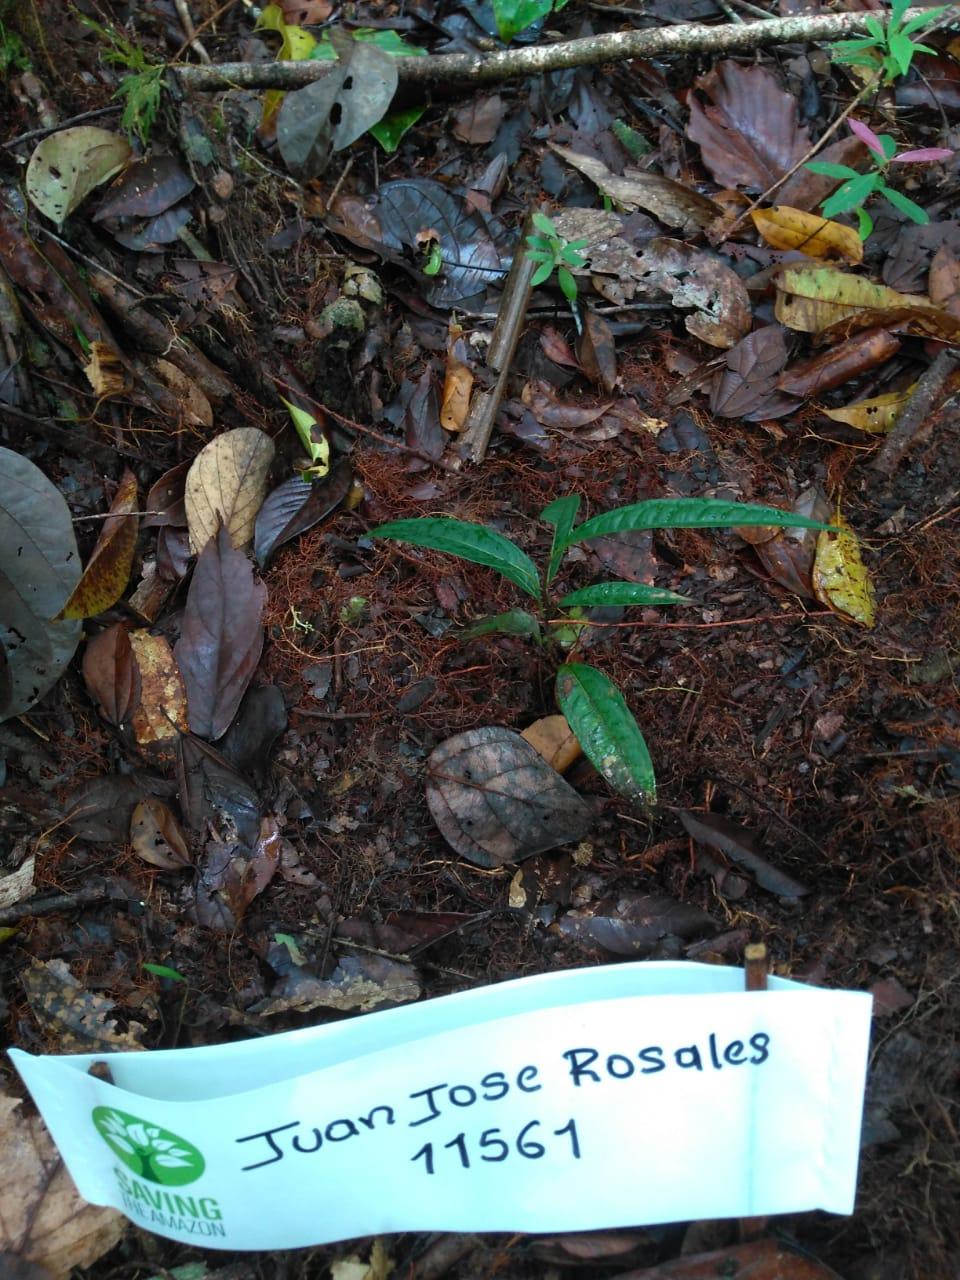 Rosales juan jose